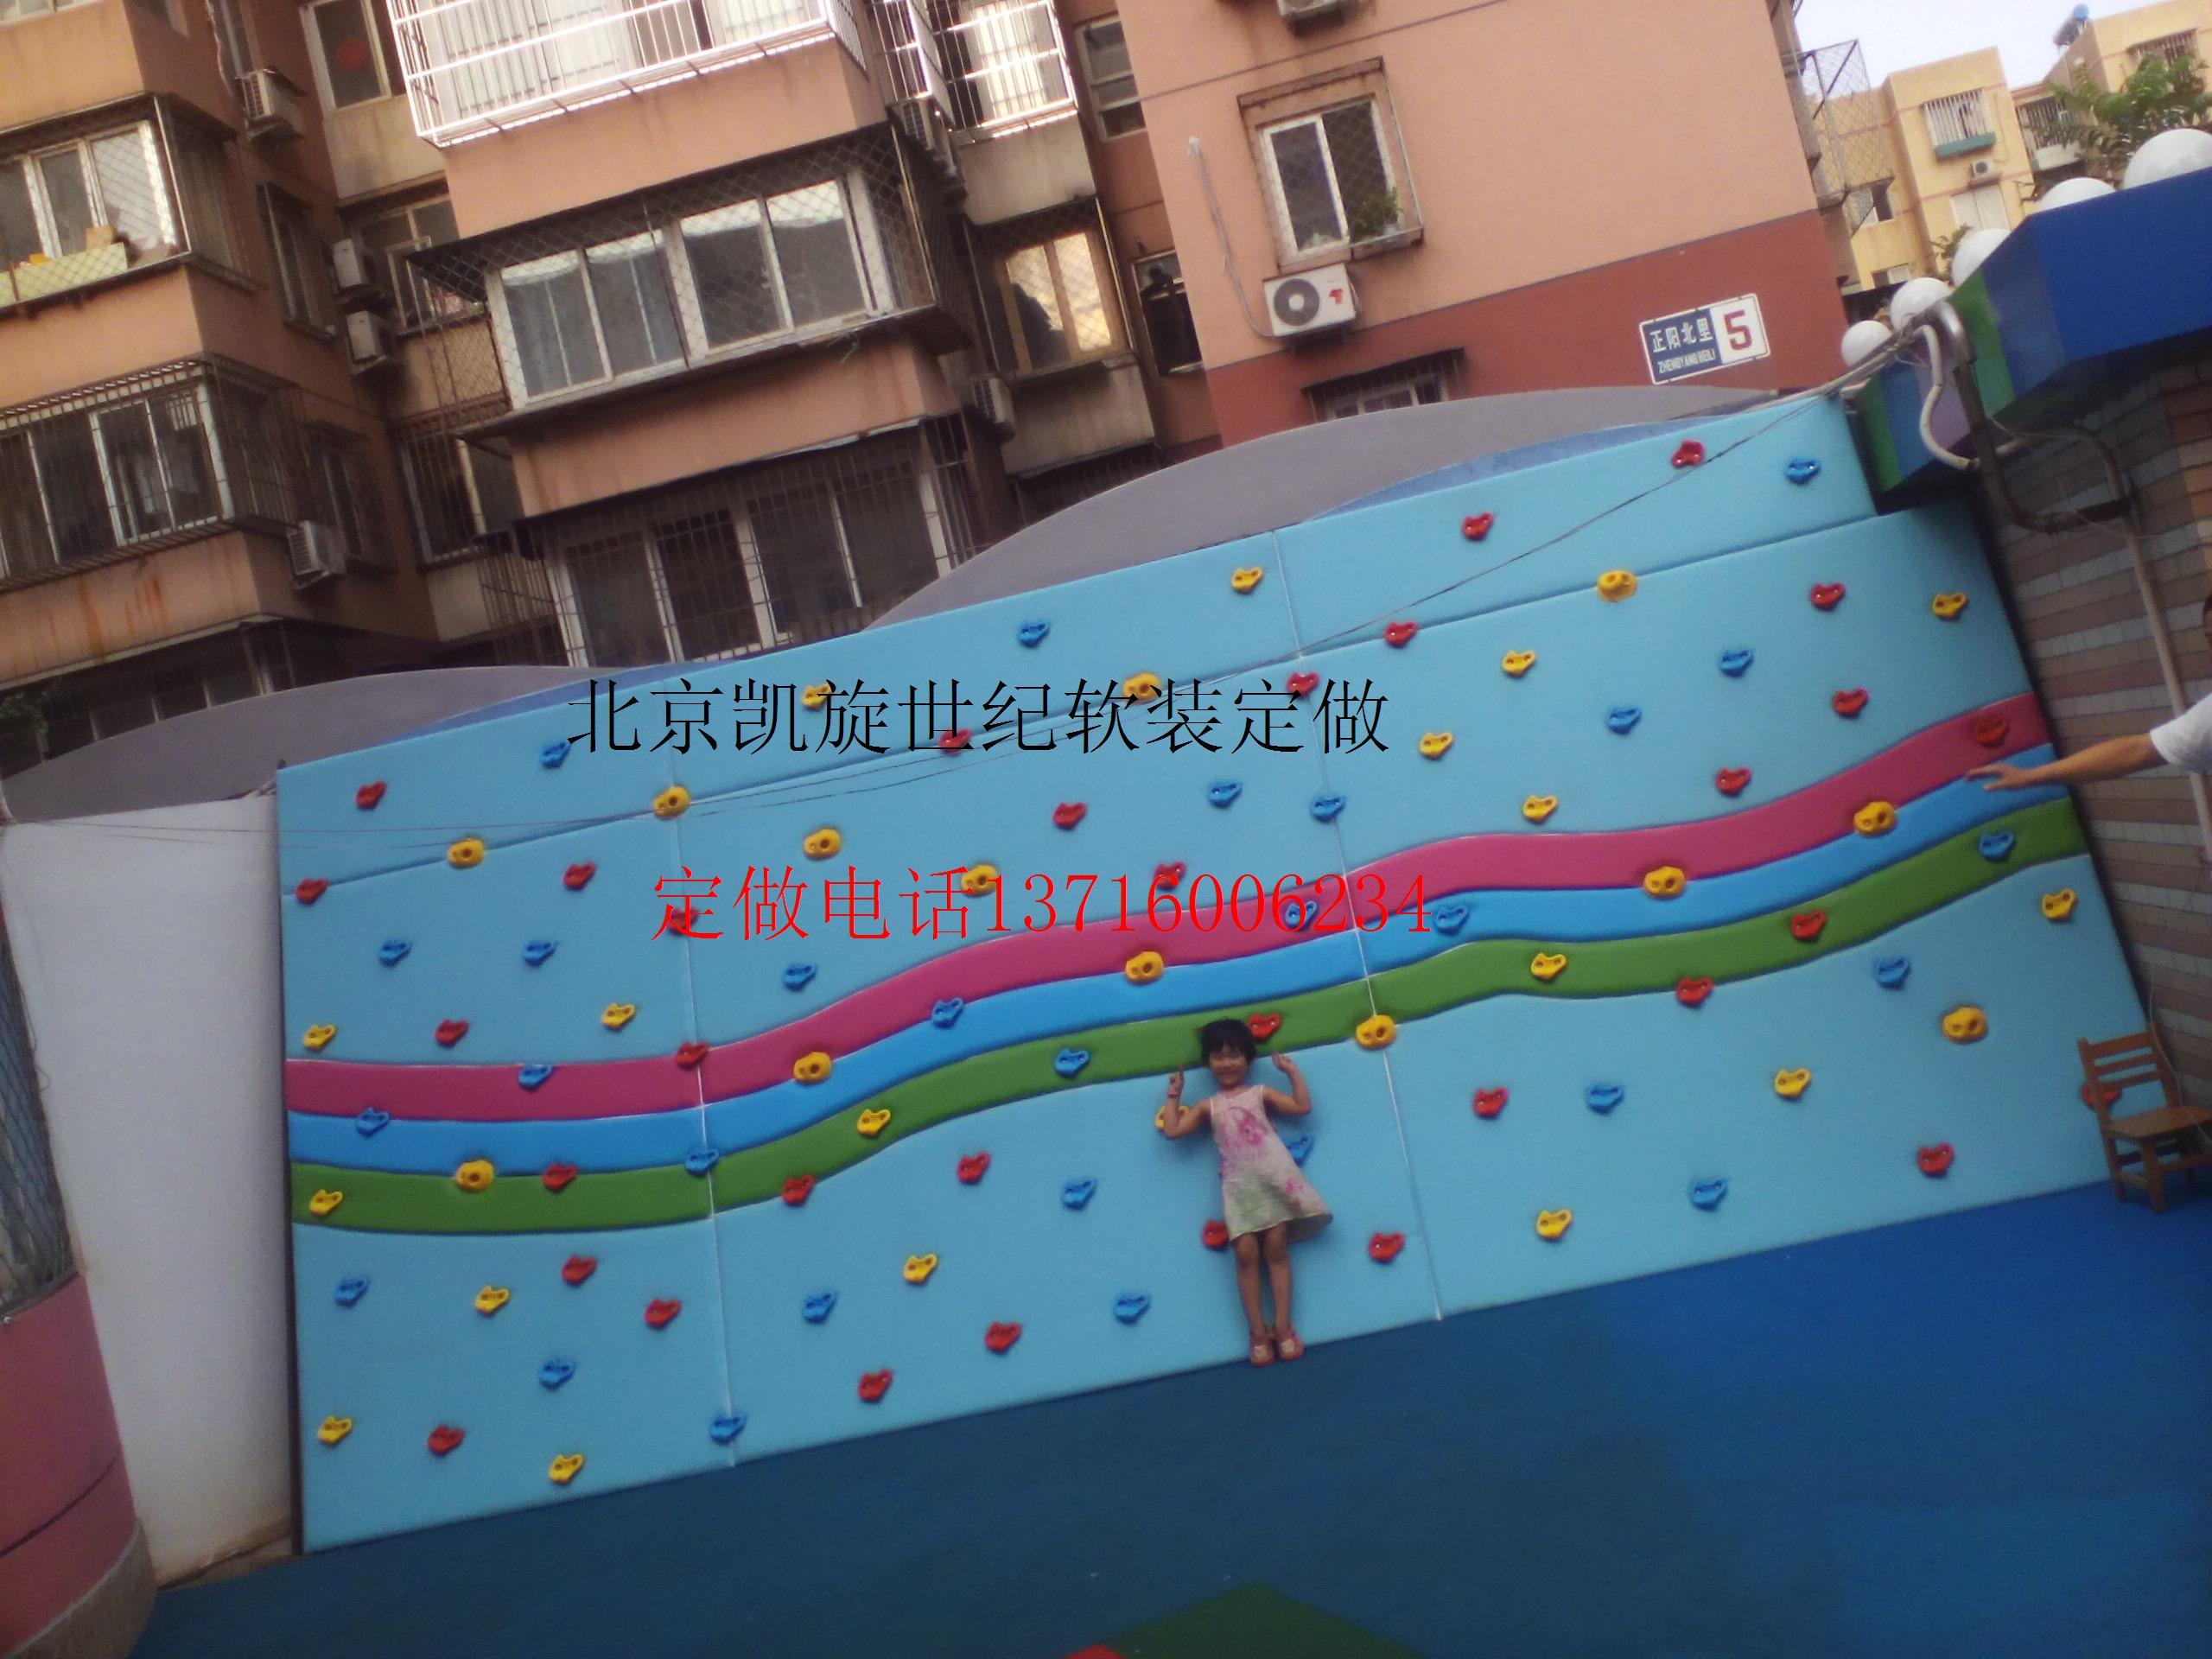 幼儿园楼梯墙面边框装饰布置